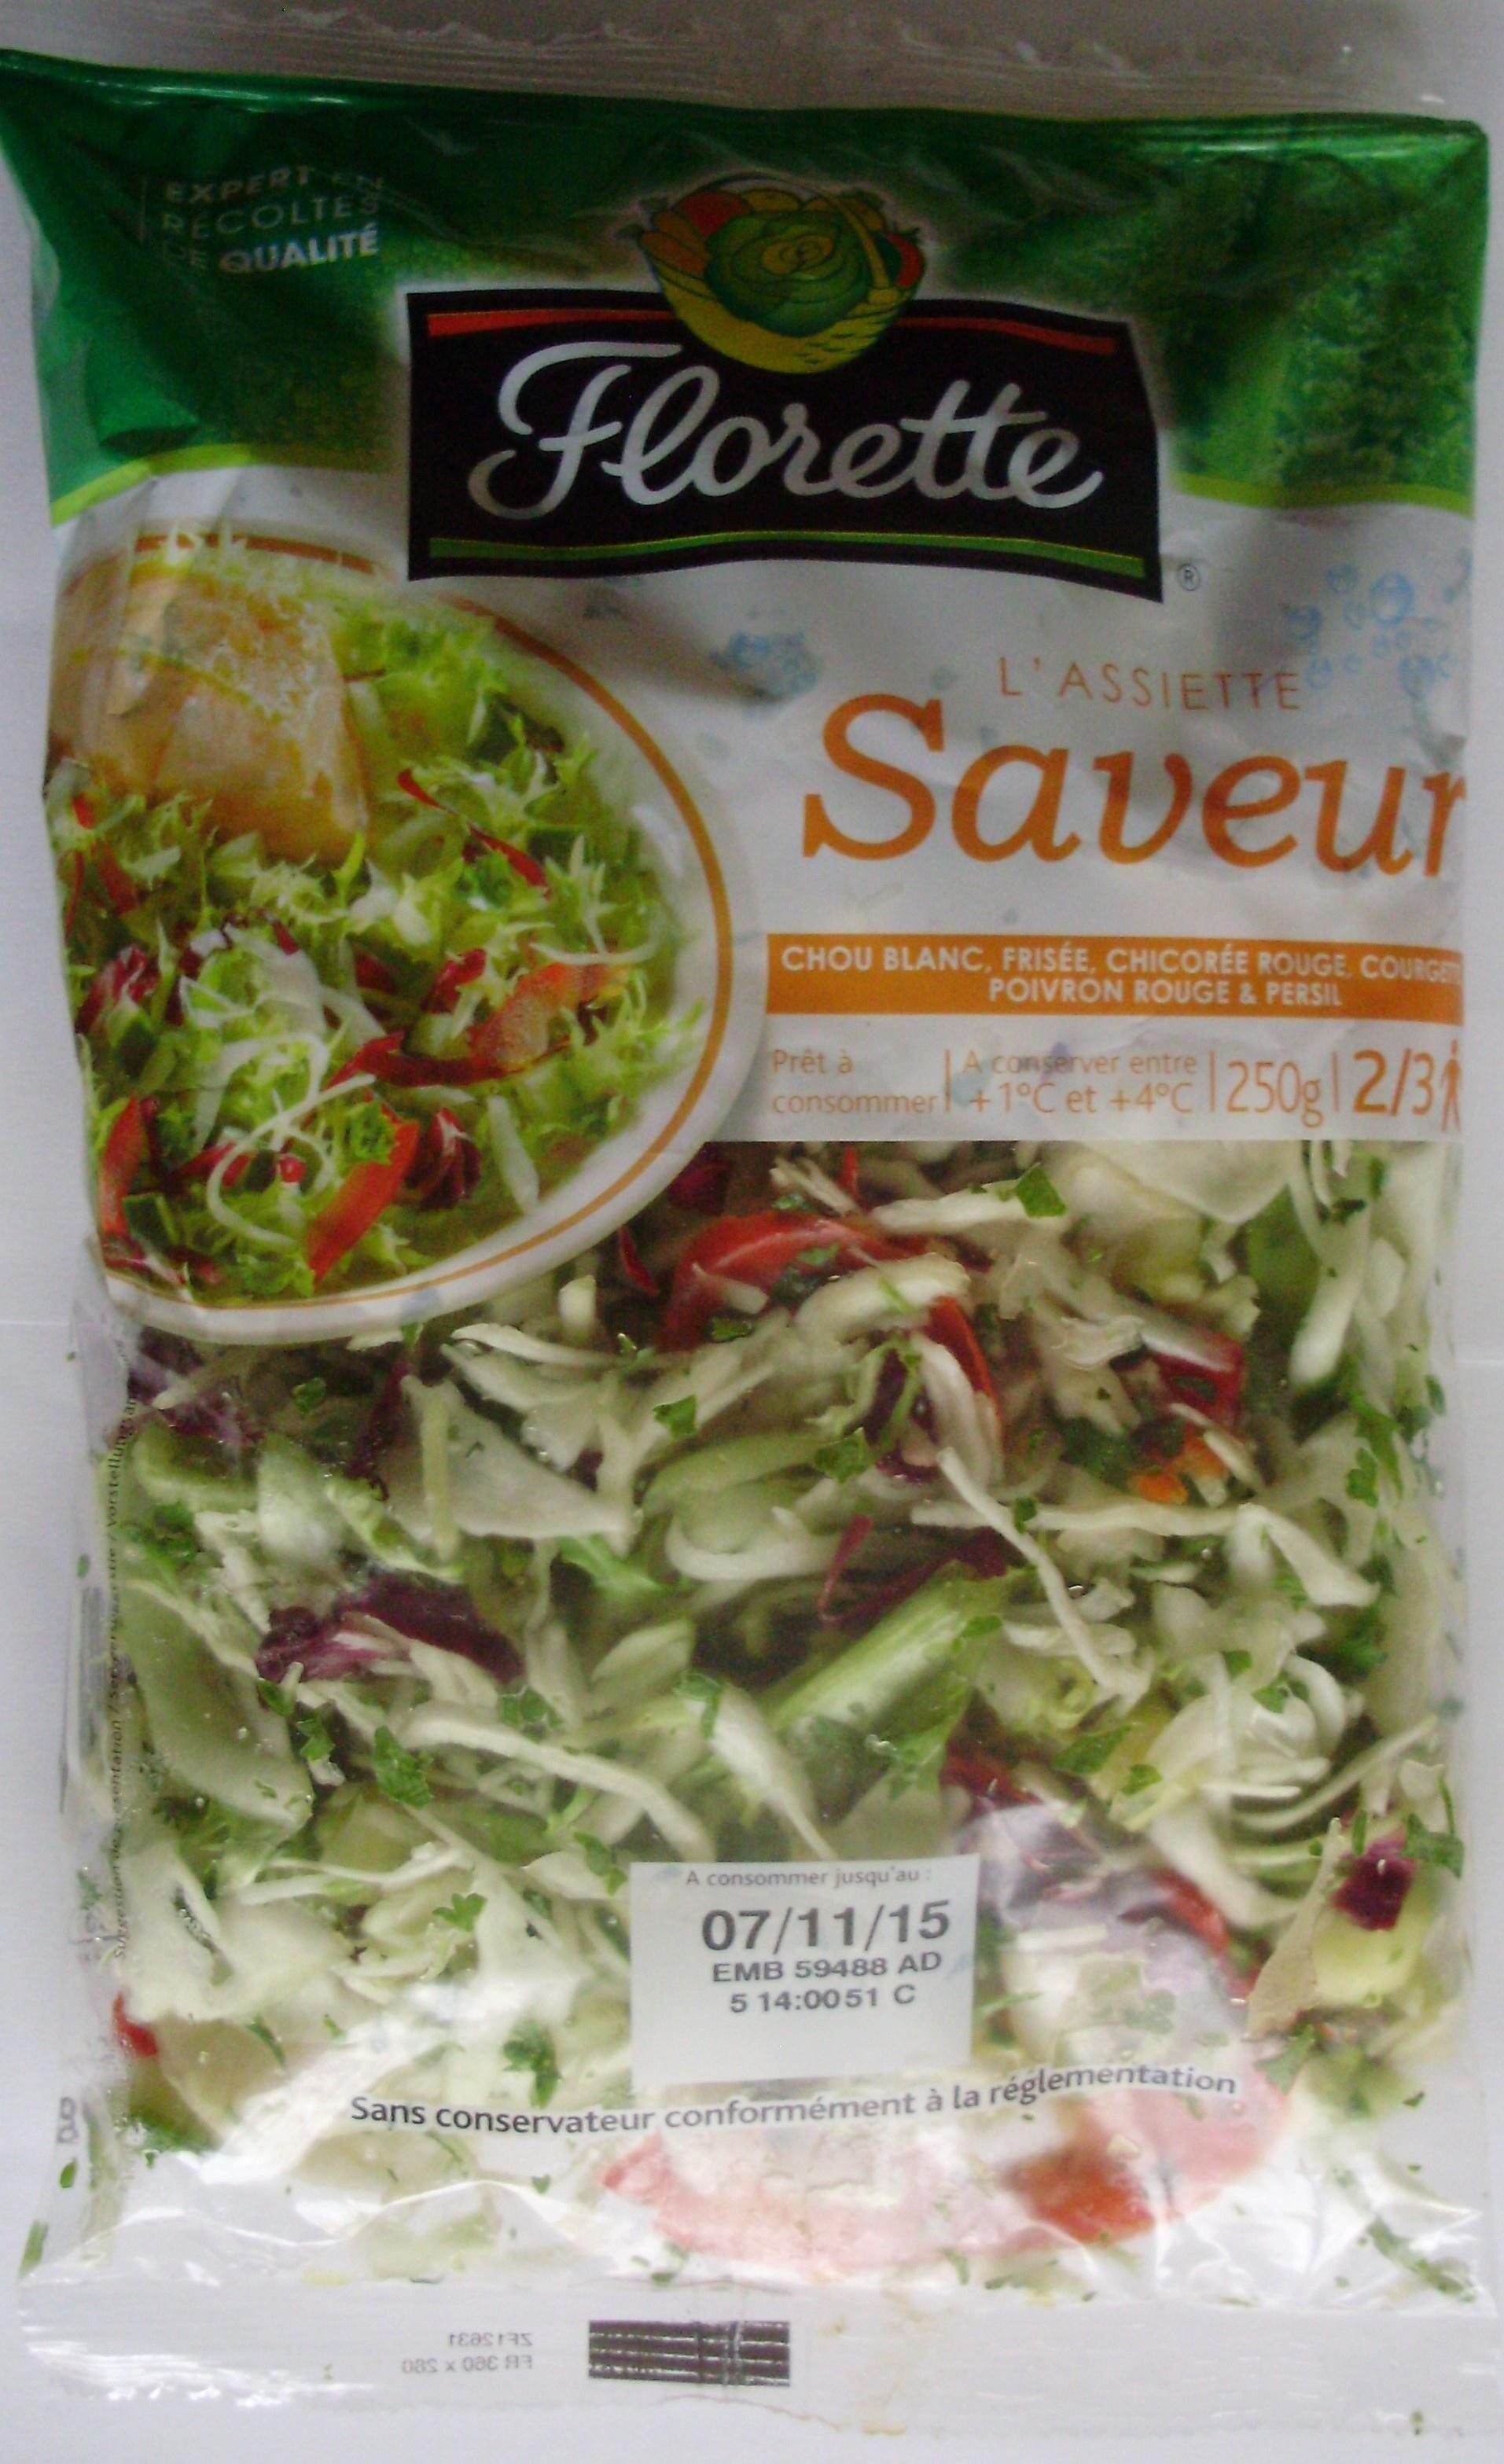 L'assiette Saveur (Chou blanc, Frisée, Chicorée rouge, Courgette, Poivron rouge & Persil) 2/3 portions - Product - fr